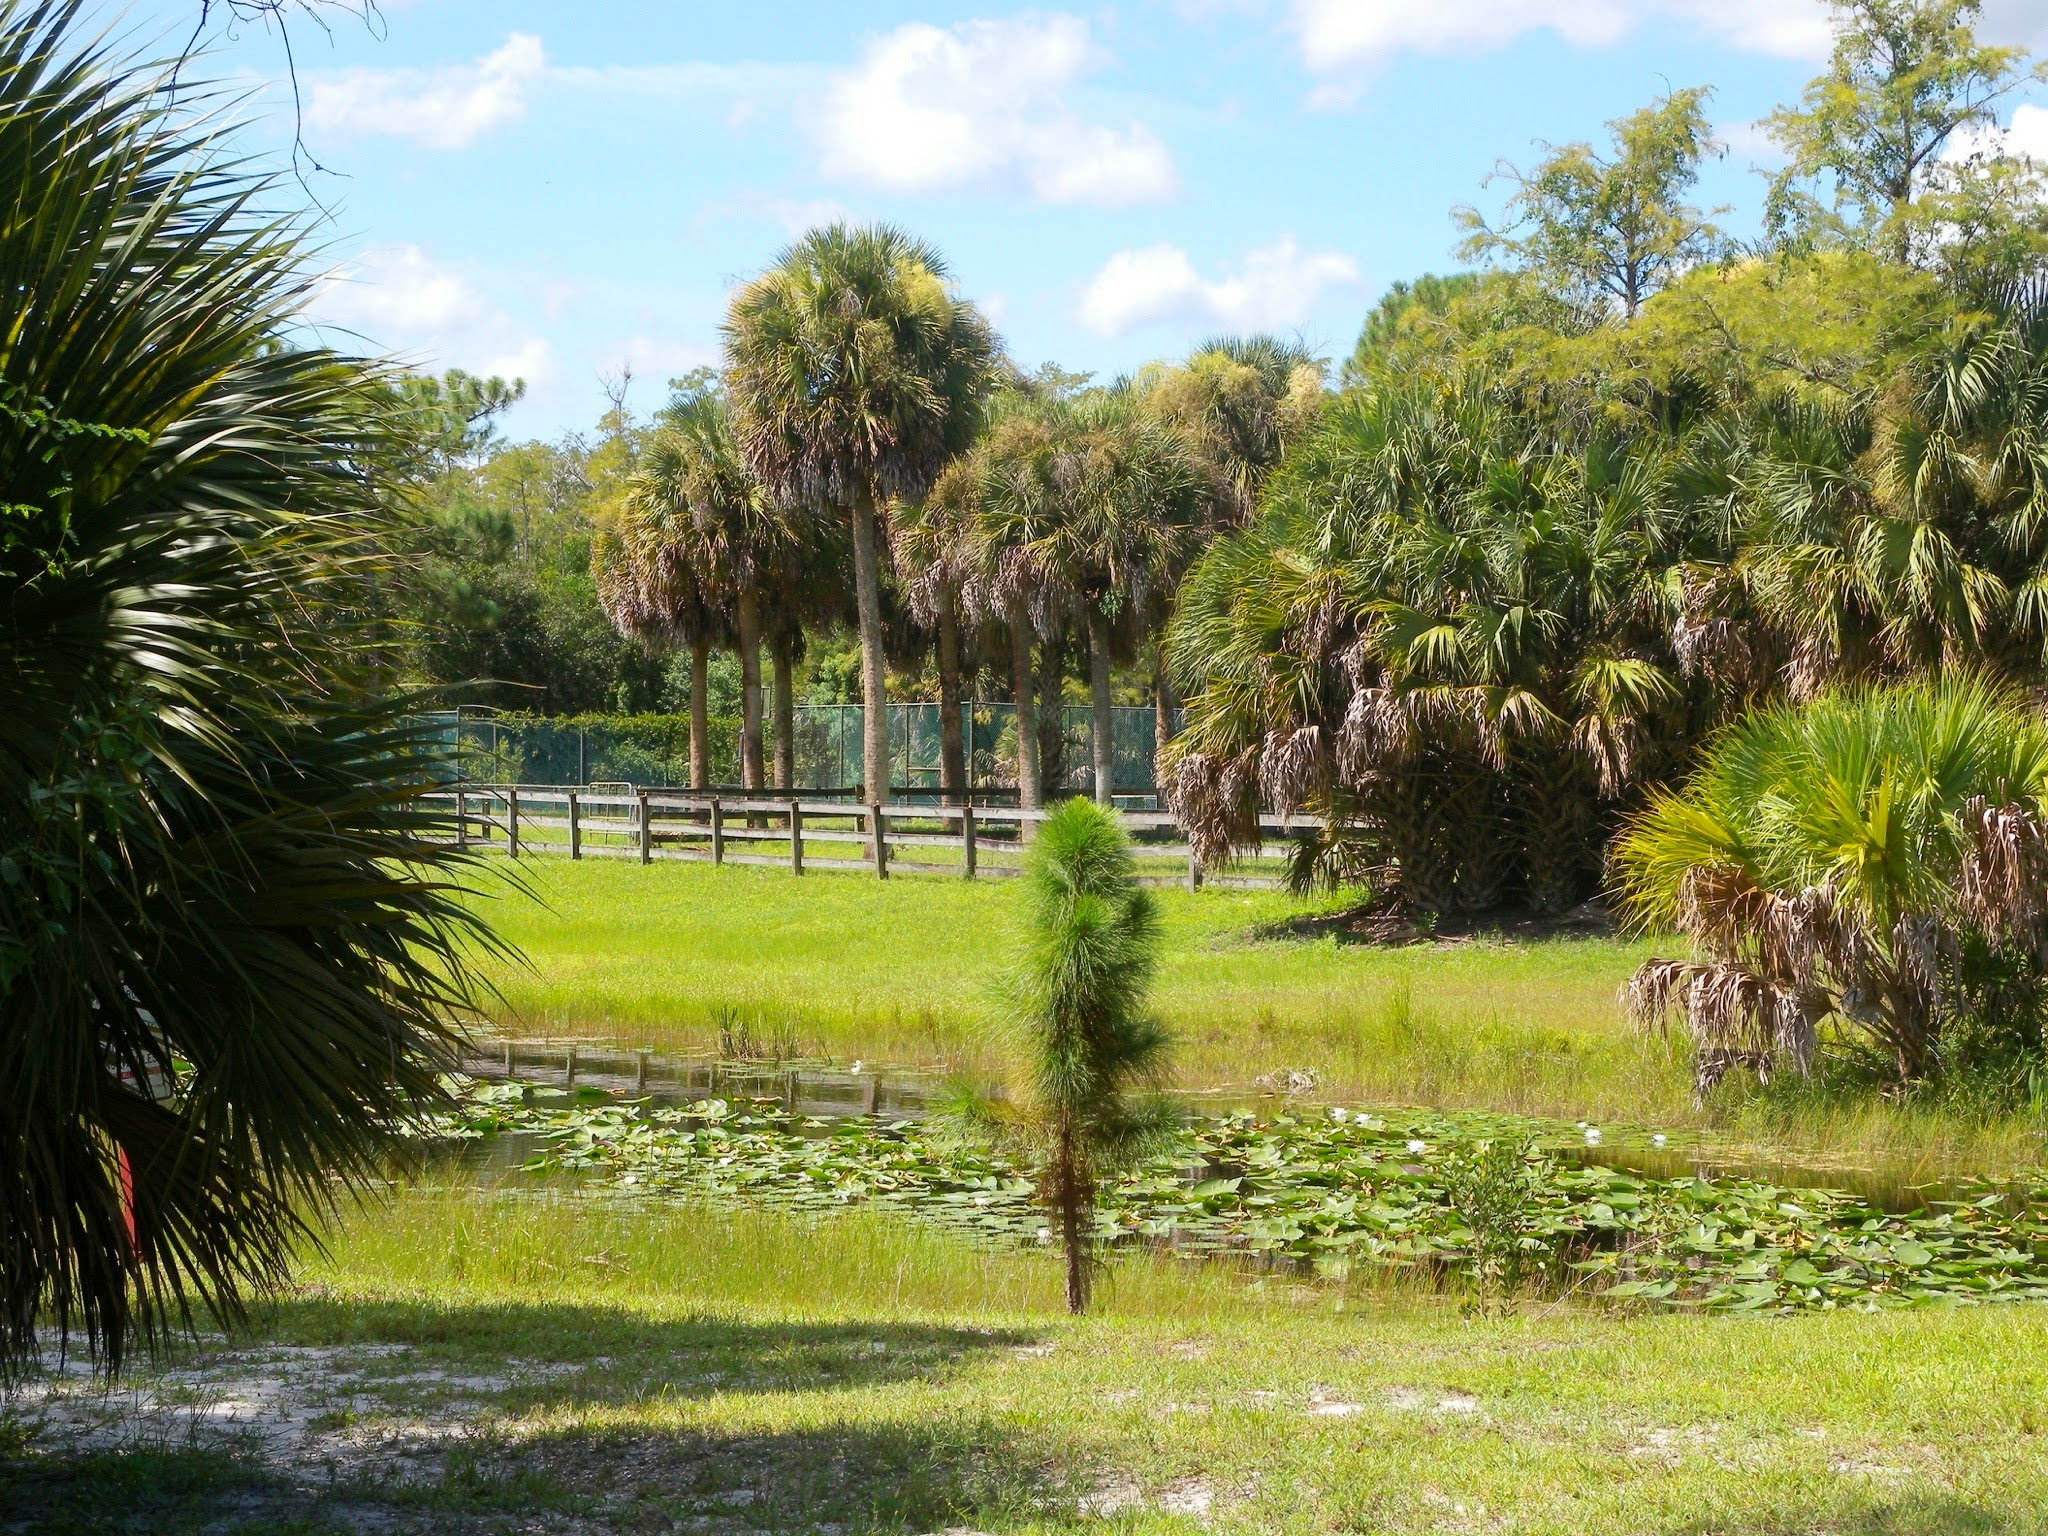 5 Acre Lots For sale in Loxahatchee FL